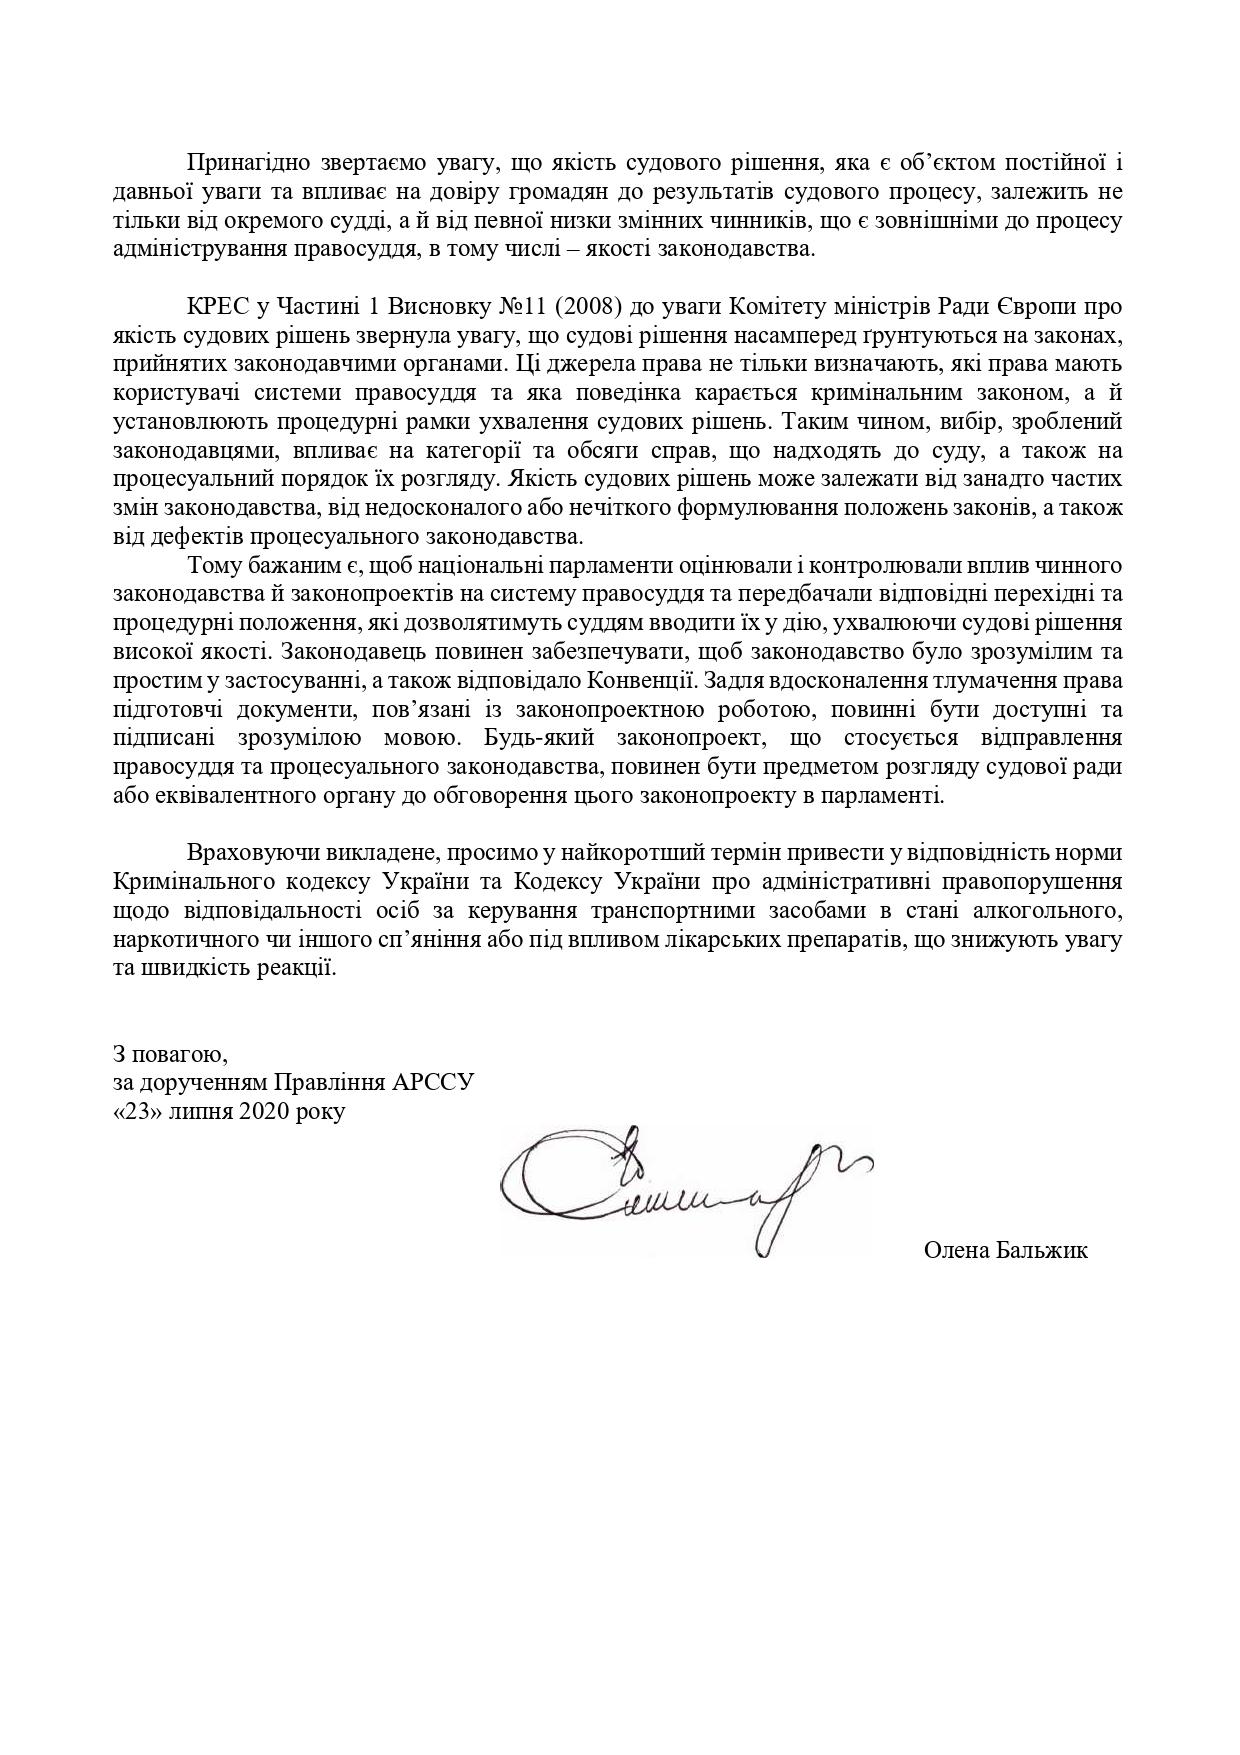 Звернення-АРССУ до ВРУ щодо статті 130_page-0005